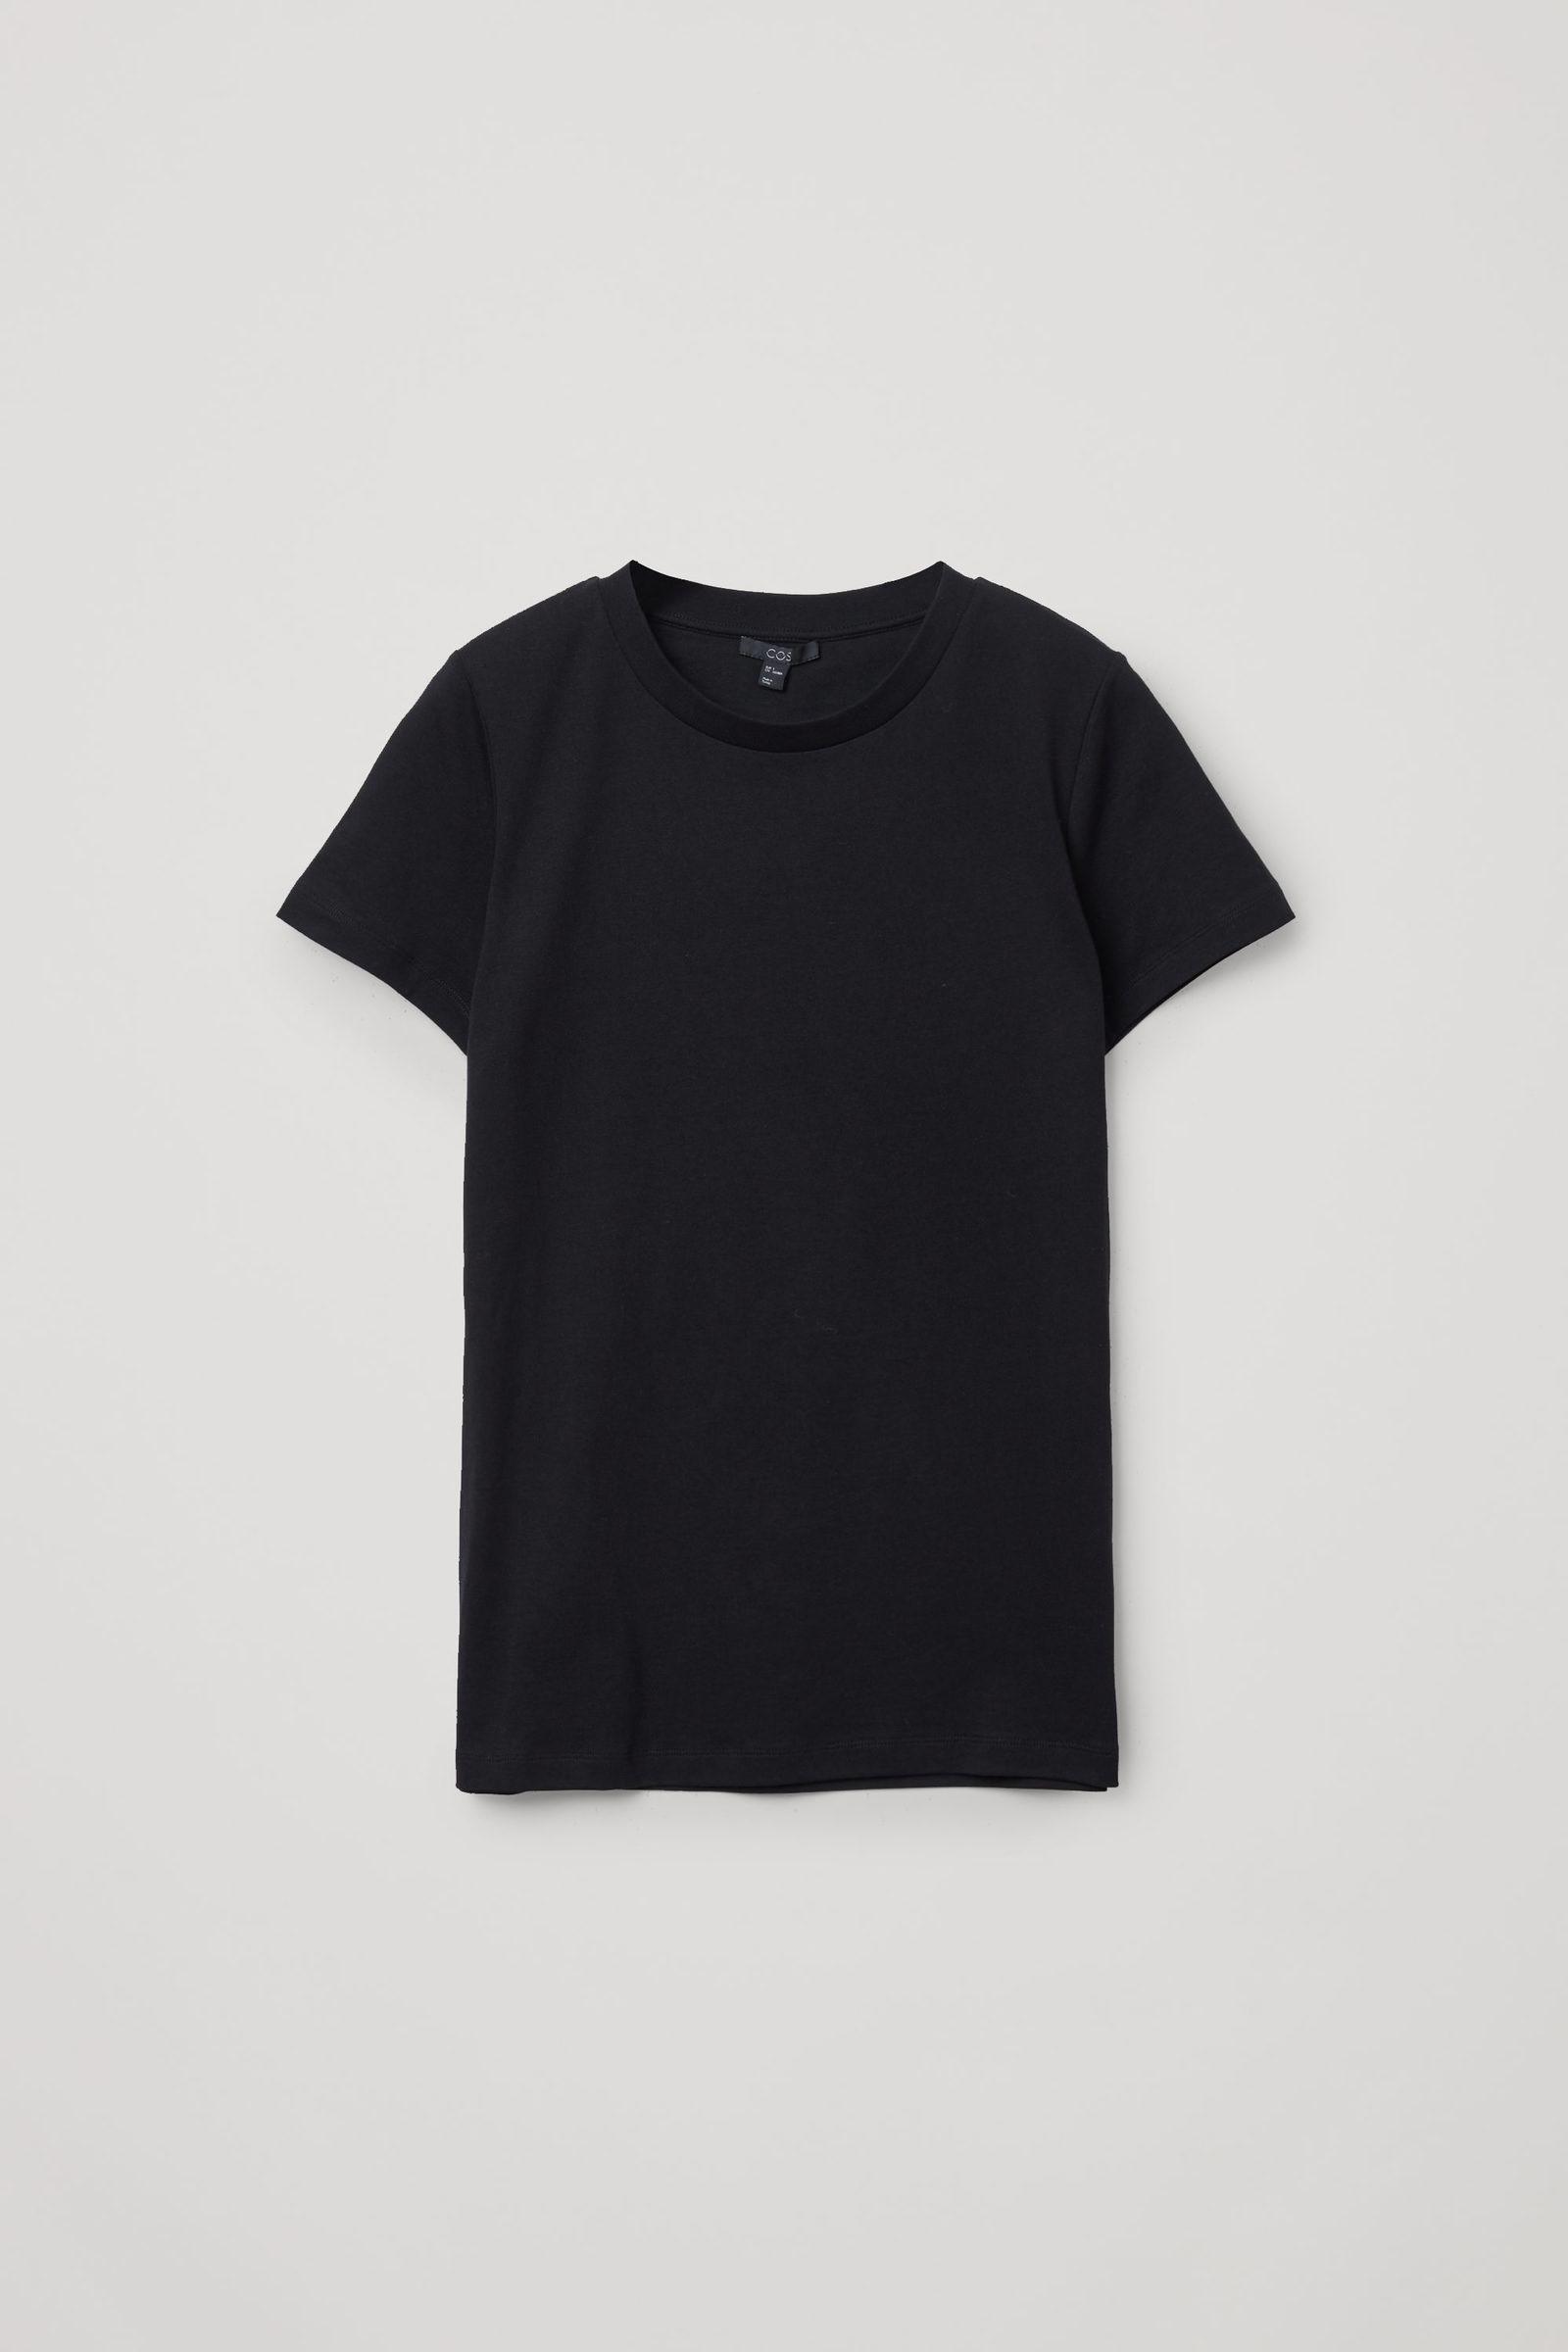 COS 슈렁큰 오가닉 코튼 티셔츠의 블랙컬러 Product입니다.